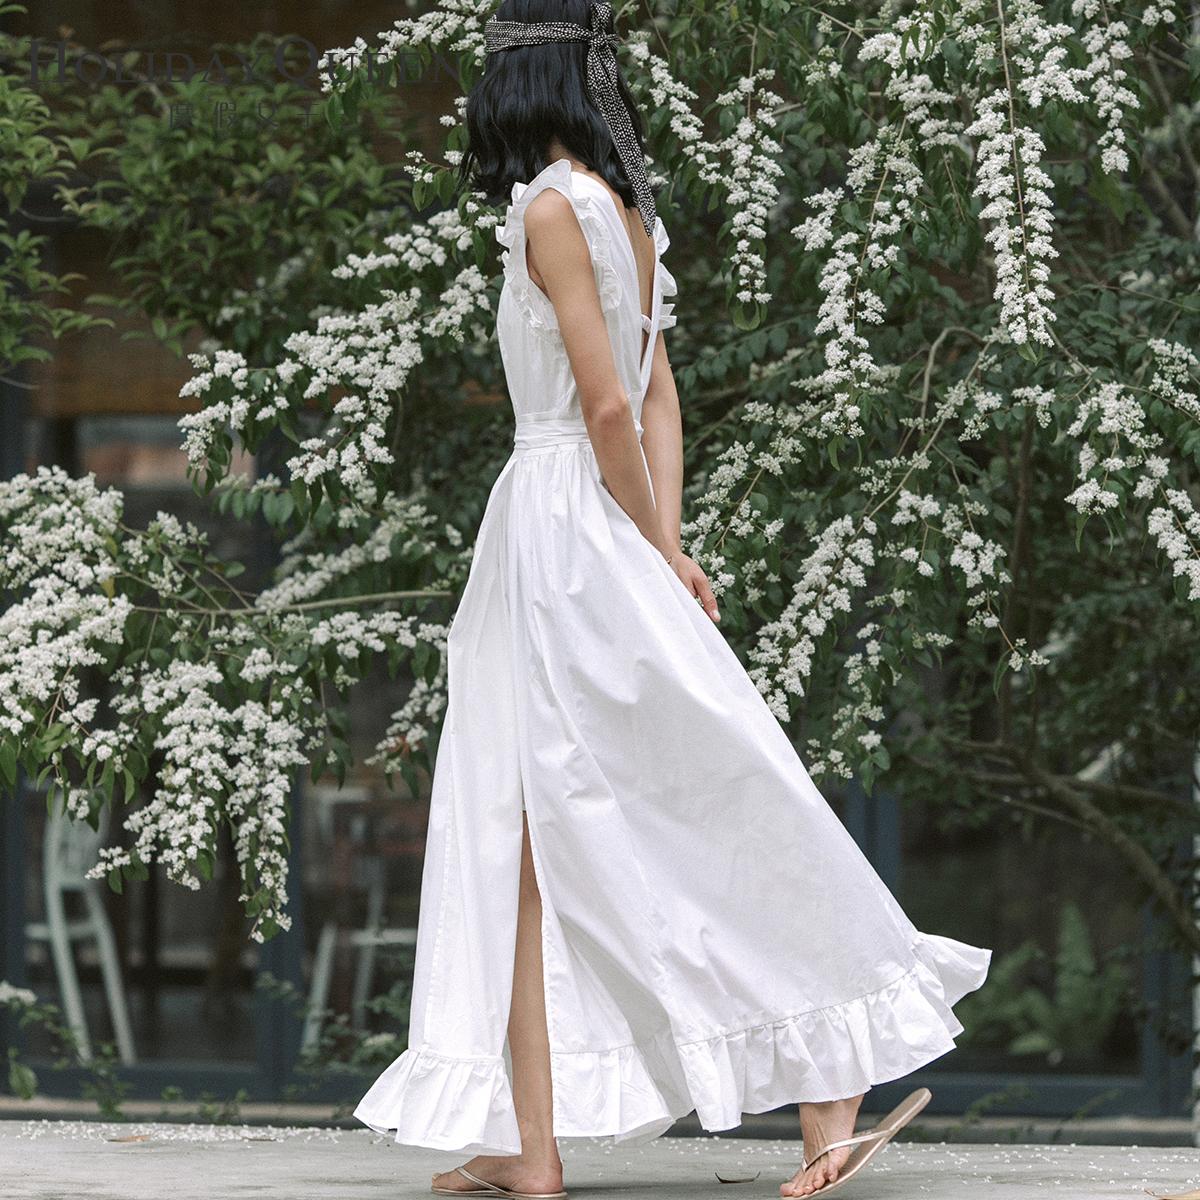 白色无袖连衣裙 度假女王海边度假沙滩裙高开叉性感无袖连衣裙收腰长款裙子 白色_推荐淘宝好看的白色无袖连衣裙